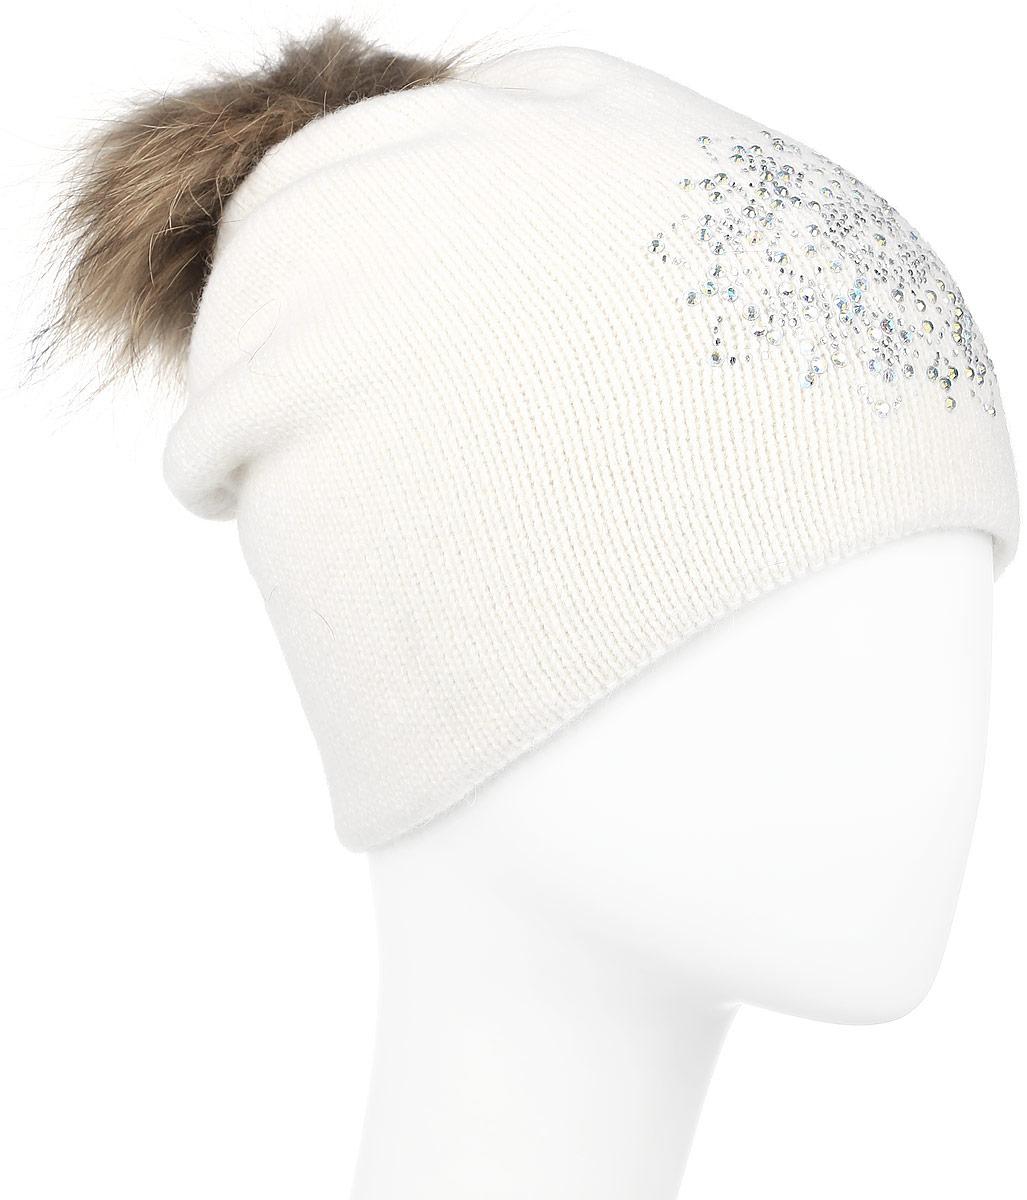 ШапкаW16-11128_323Стильная женская шапка Finn Flare дополнит ваш наряд и не позволит вам замерзнуть в холодное время года. Шапка выполнена из высококачественной пряжи, что позволяет ей великолепно сохранять тепло и обеспечивает высокую эластичность и удобство посадки. Модель оформлена брендовой металлической пластиной, стразами и дополнена помпоном из натурального меха. Уважаемые клиенты! Размер, доступный для заказа, является обхватом головы.